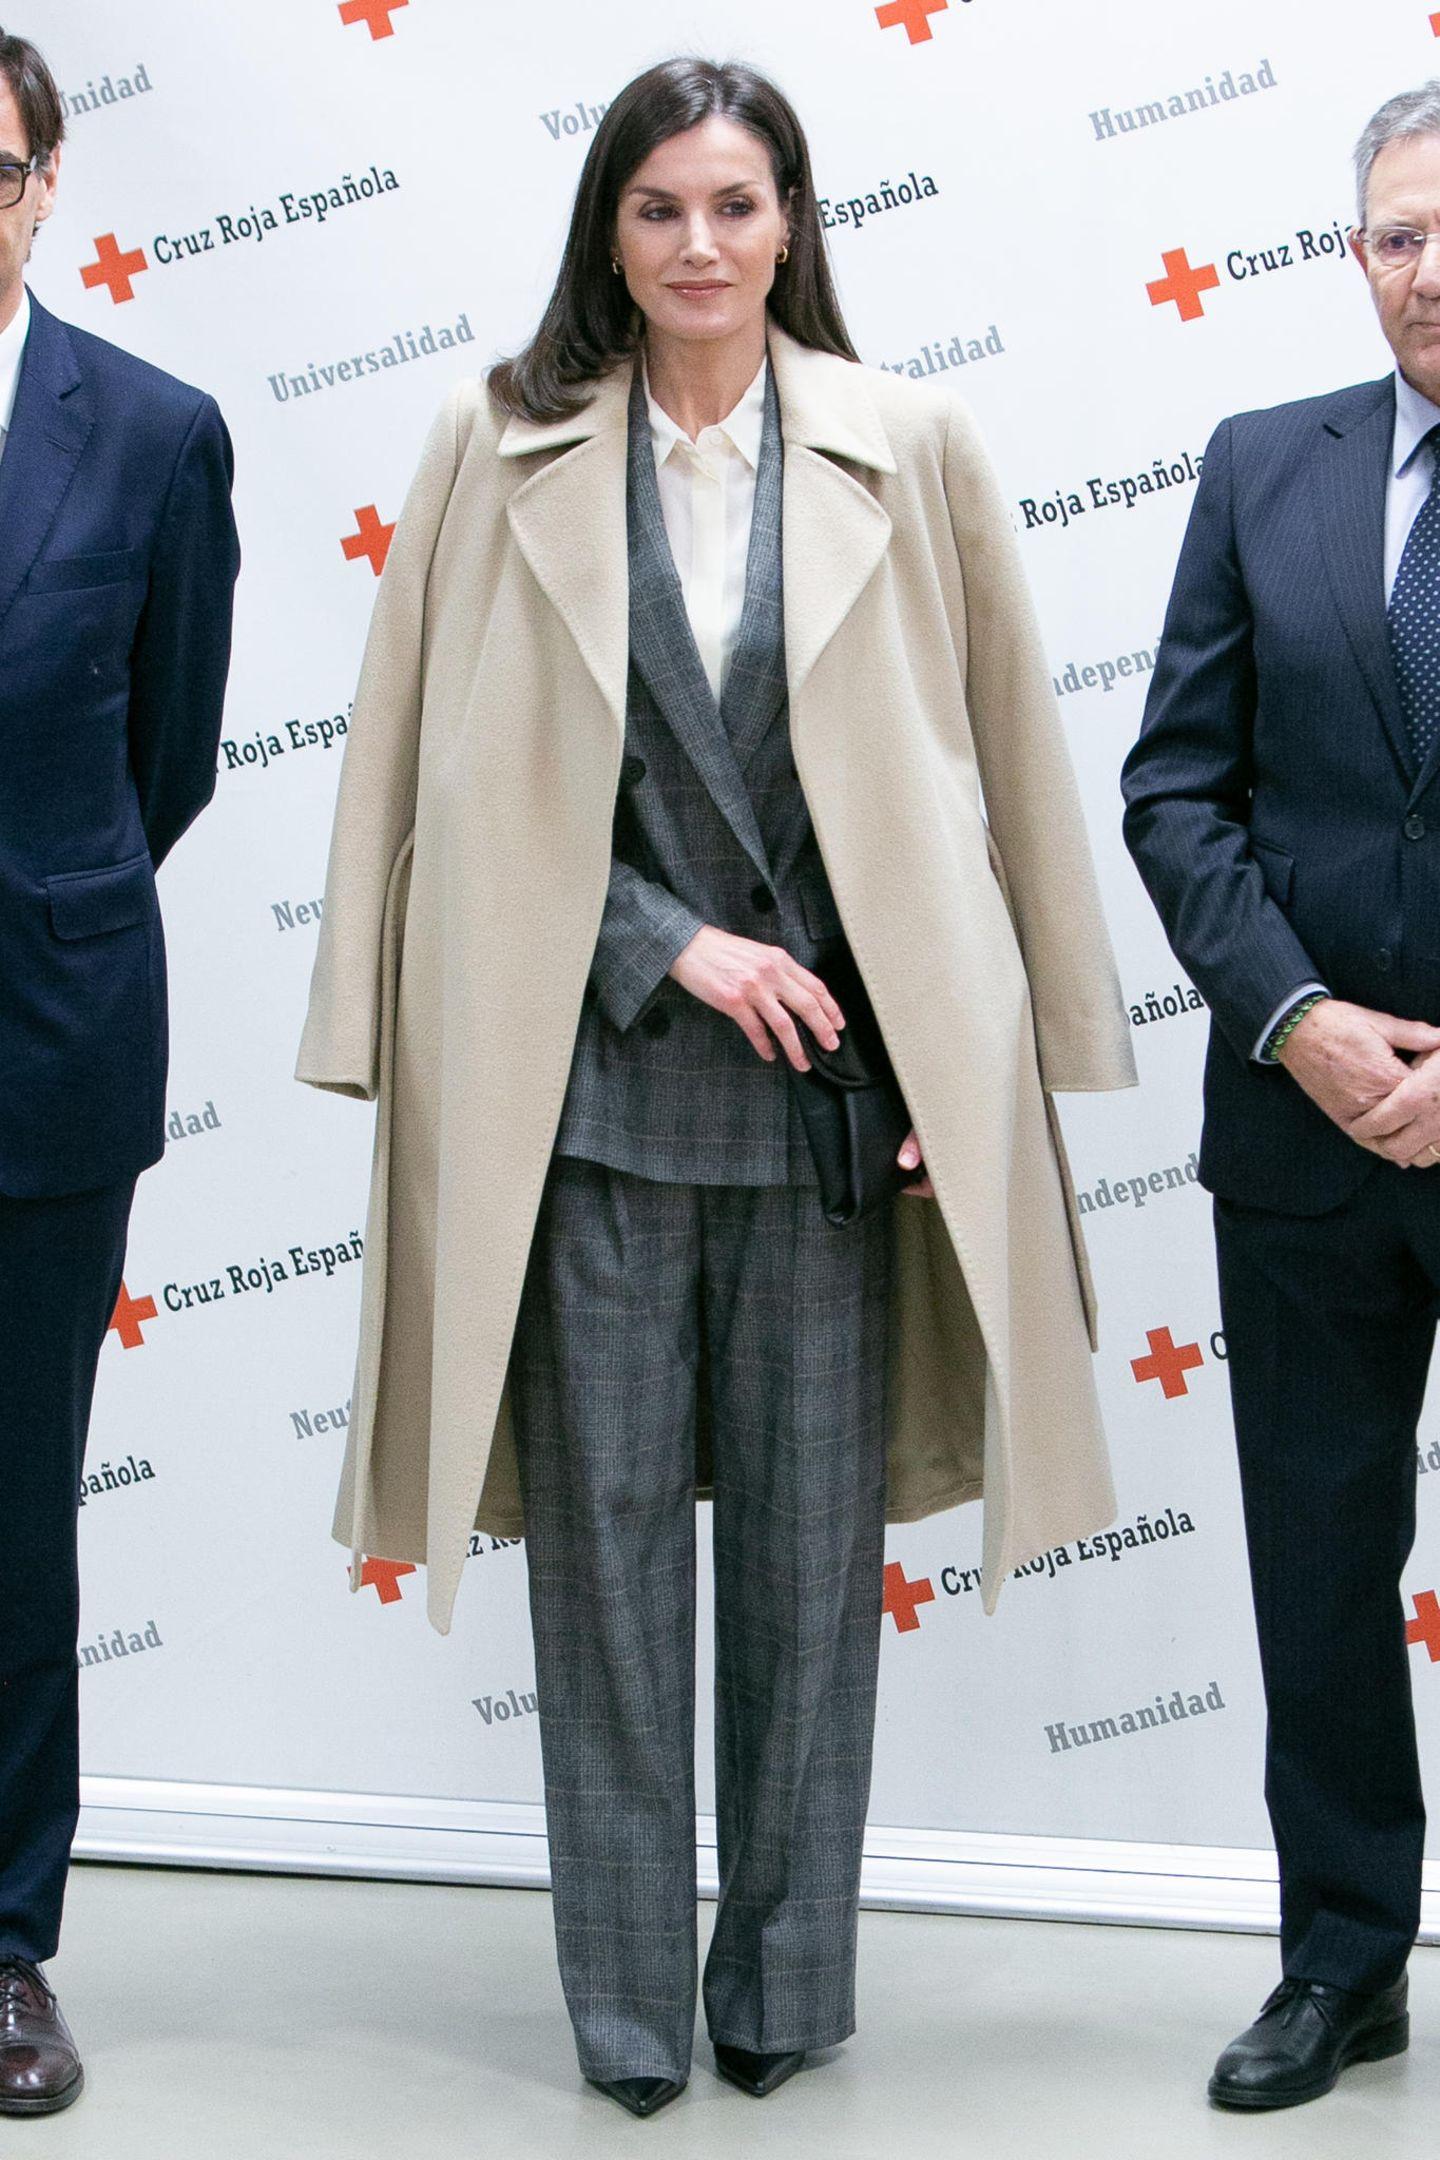 Königin Letizia hat eine tolle Figur und viel Stilgespür: Da überrascht es, dass sie in diesem karierten Zweiteiler fast untergeht. Der beige Mantel, den sie sich lässig über die Schultern geworfen hat, lässt ihre Silhouette noch mehr verschwinden. Schade!